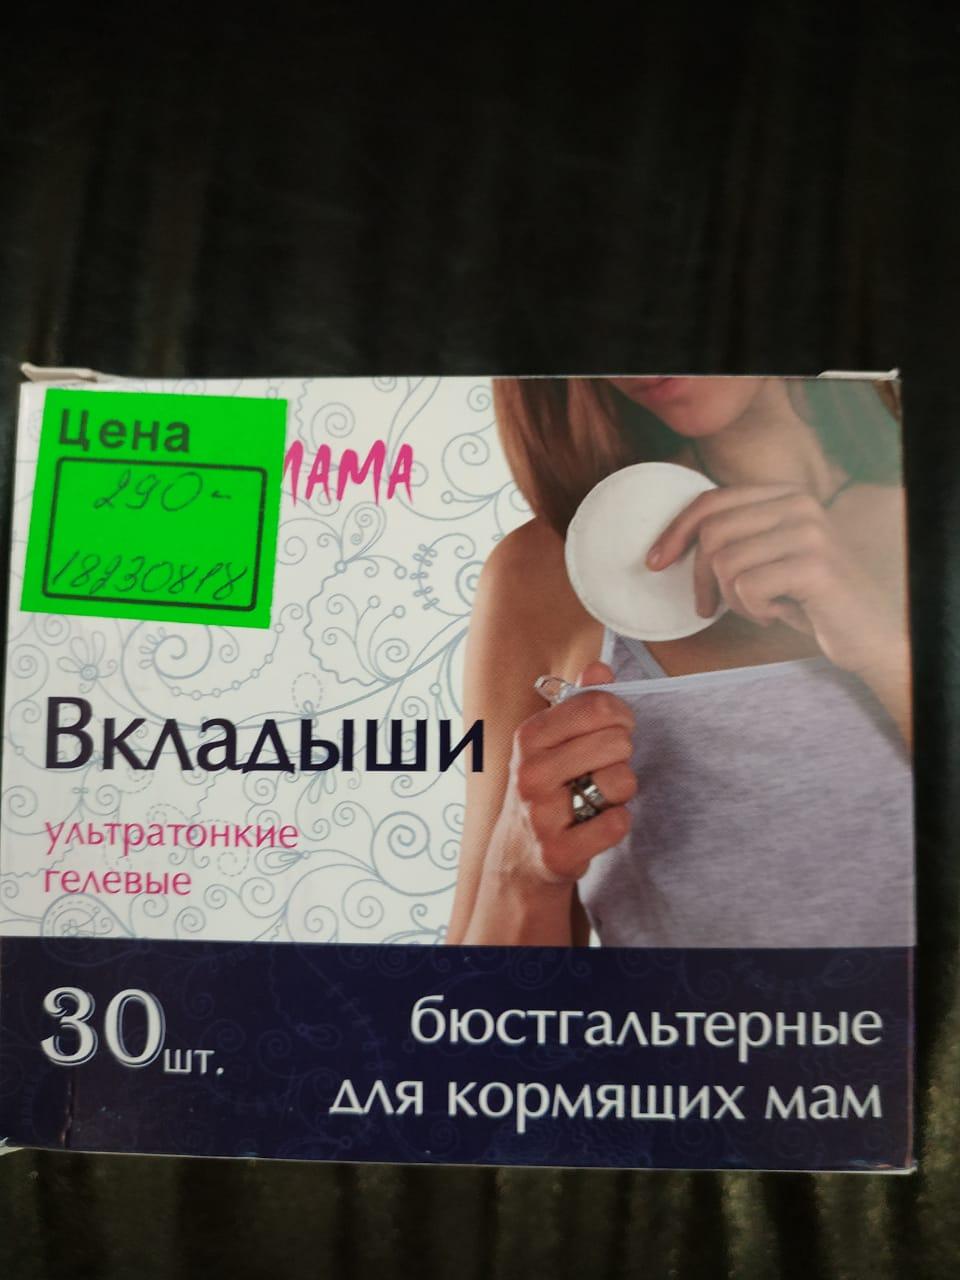 Вкладыши бюстгальтерные для кормящих мам.Ультратонкие. гелевые. 30 шт, цена 290 руб. Евромама - производитель. Москва